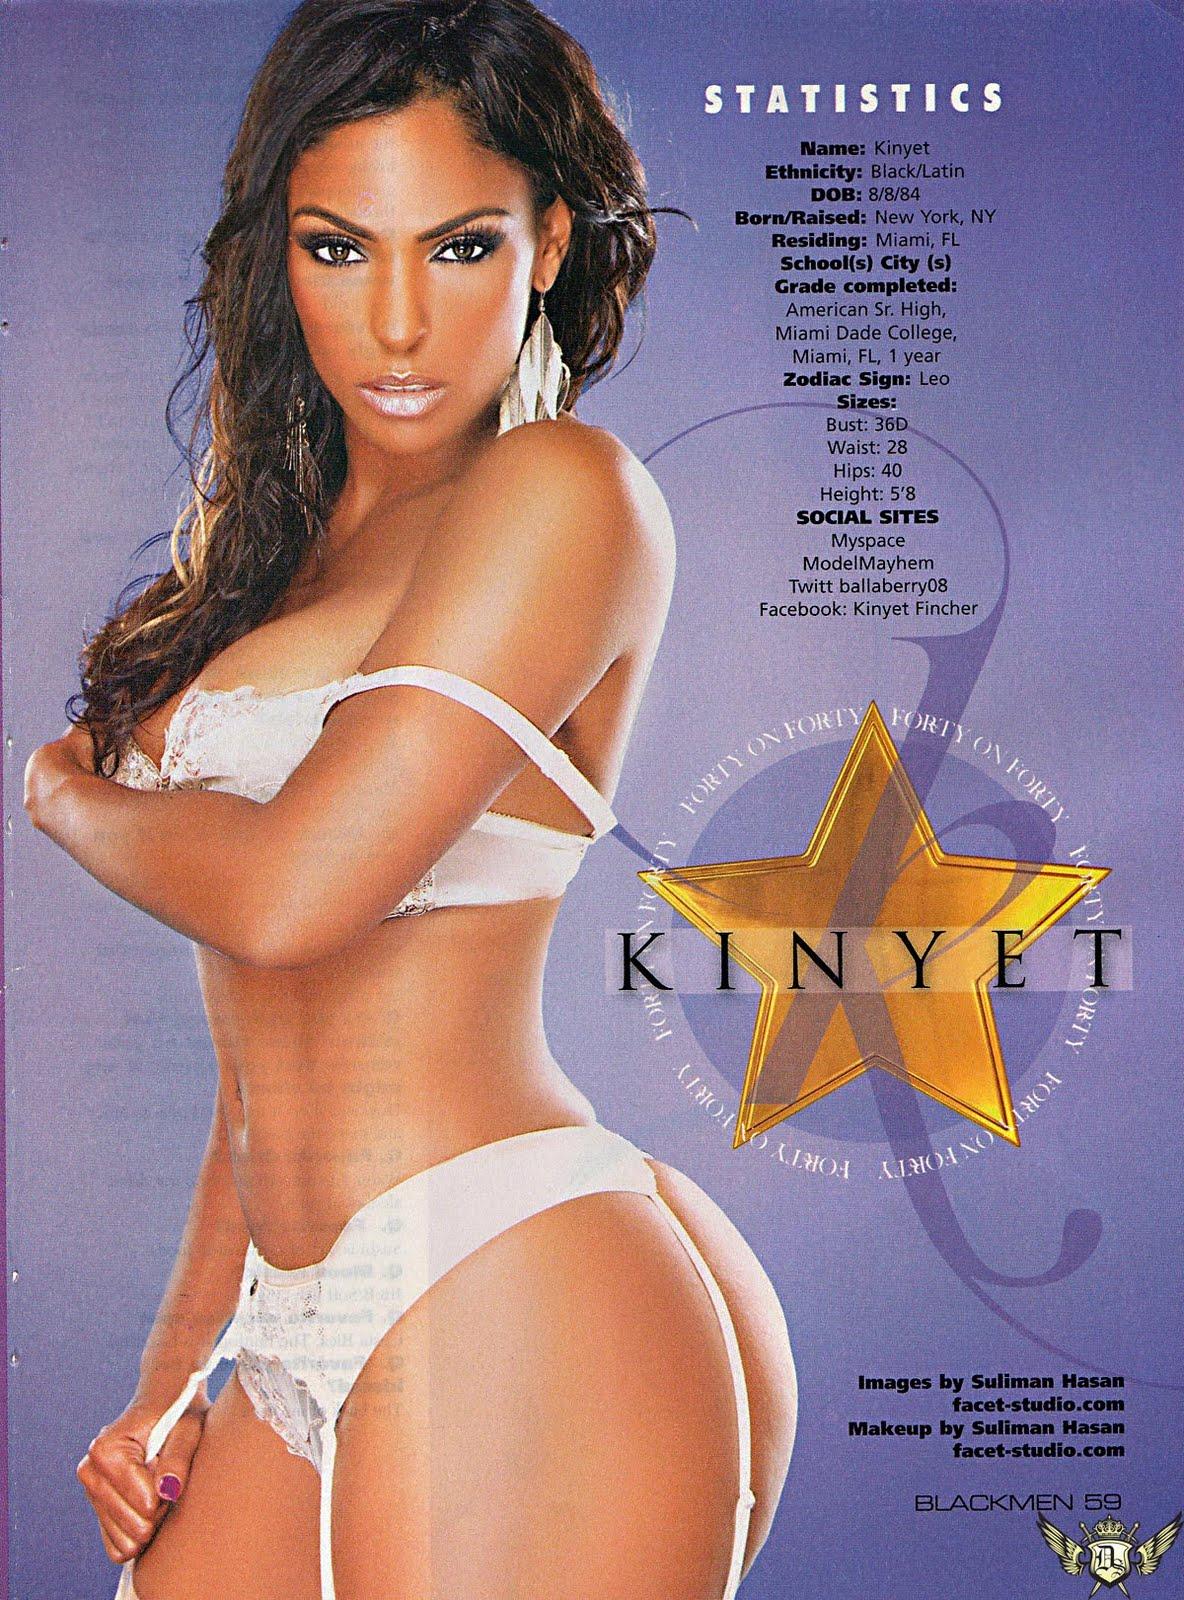 http://1.bp.blogspot.com/-_BtAZy8p1-I/Th-WfjZxZ0I/AAAAAAAAA9Q/tr0jpu6oy5k/s1600/kinyet-4040-1.jpg